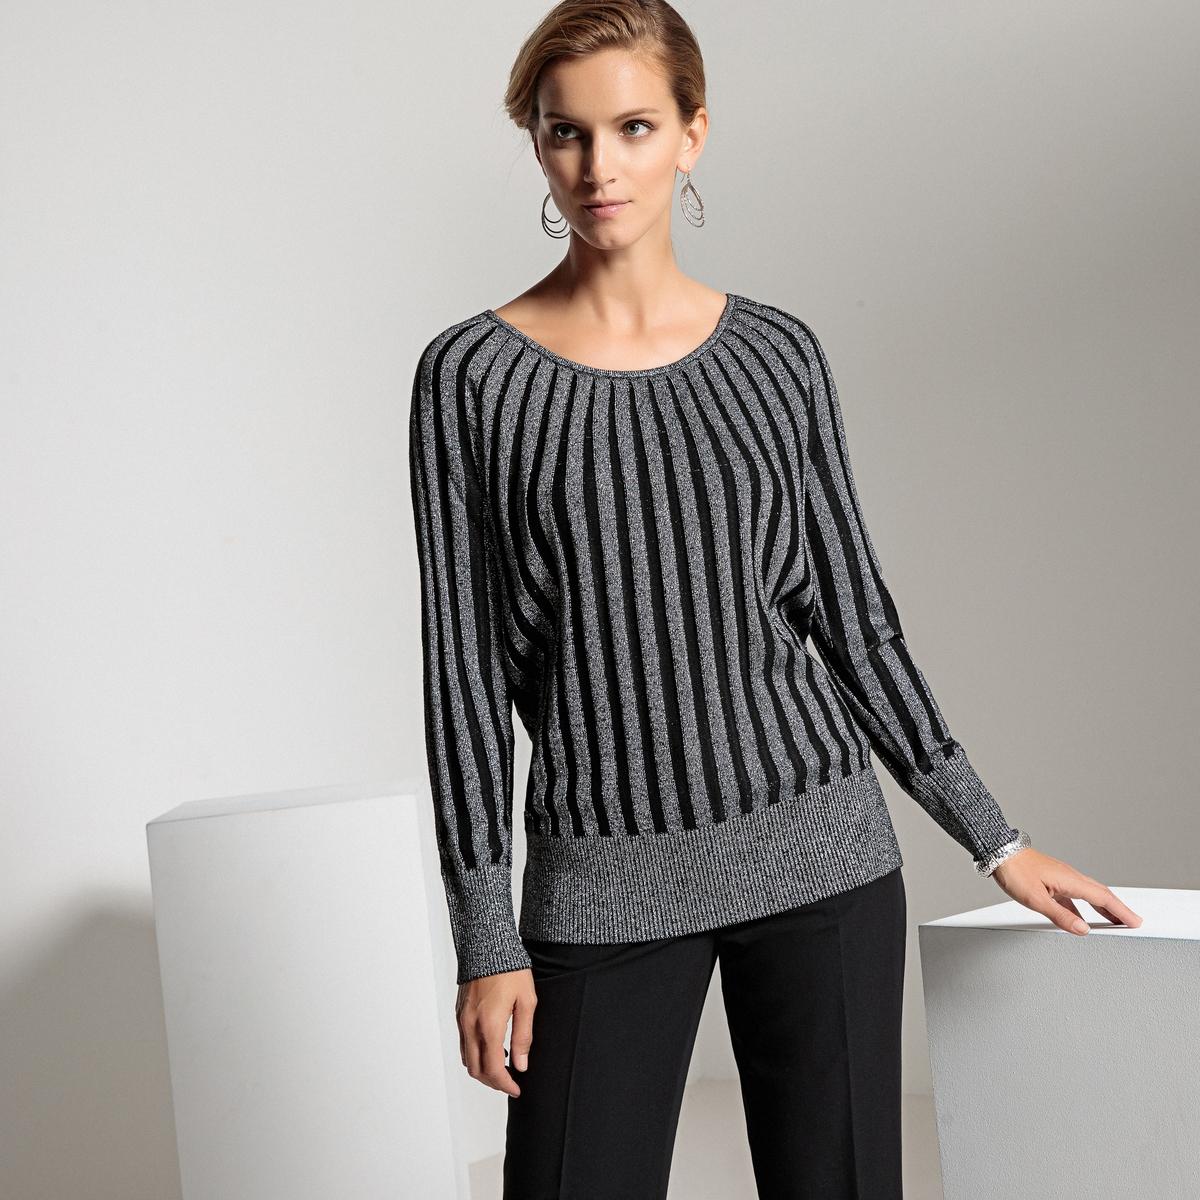 Пуловер La Redoute С круглым вырезом из тонкого трикотажа 50/52 (FR) - 56/58 (RUS) черный блузка la redoute с круглым вырезом без рукавов 50 fr 56 rus черный